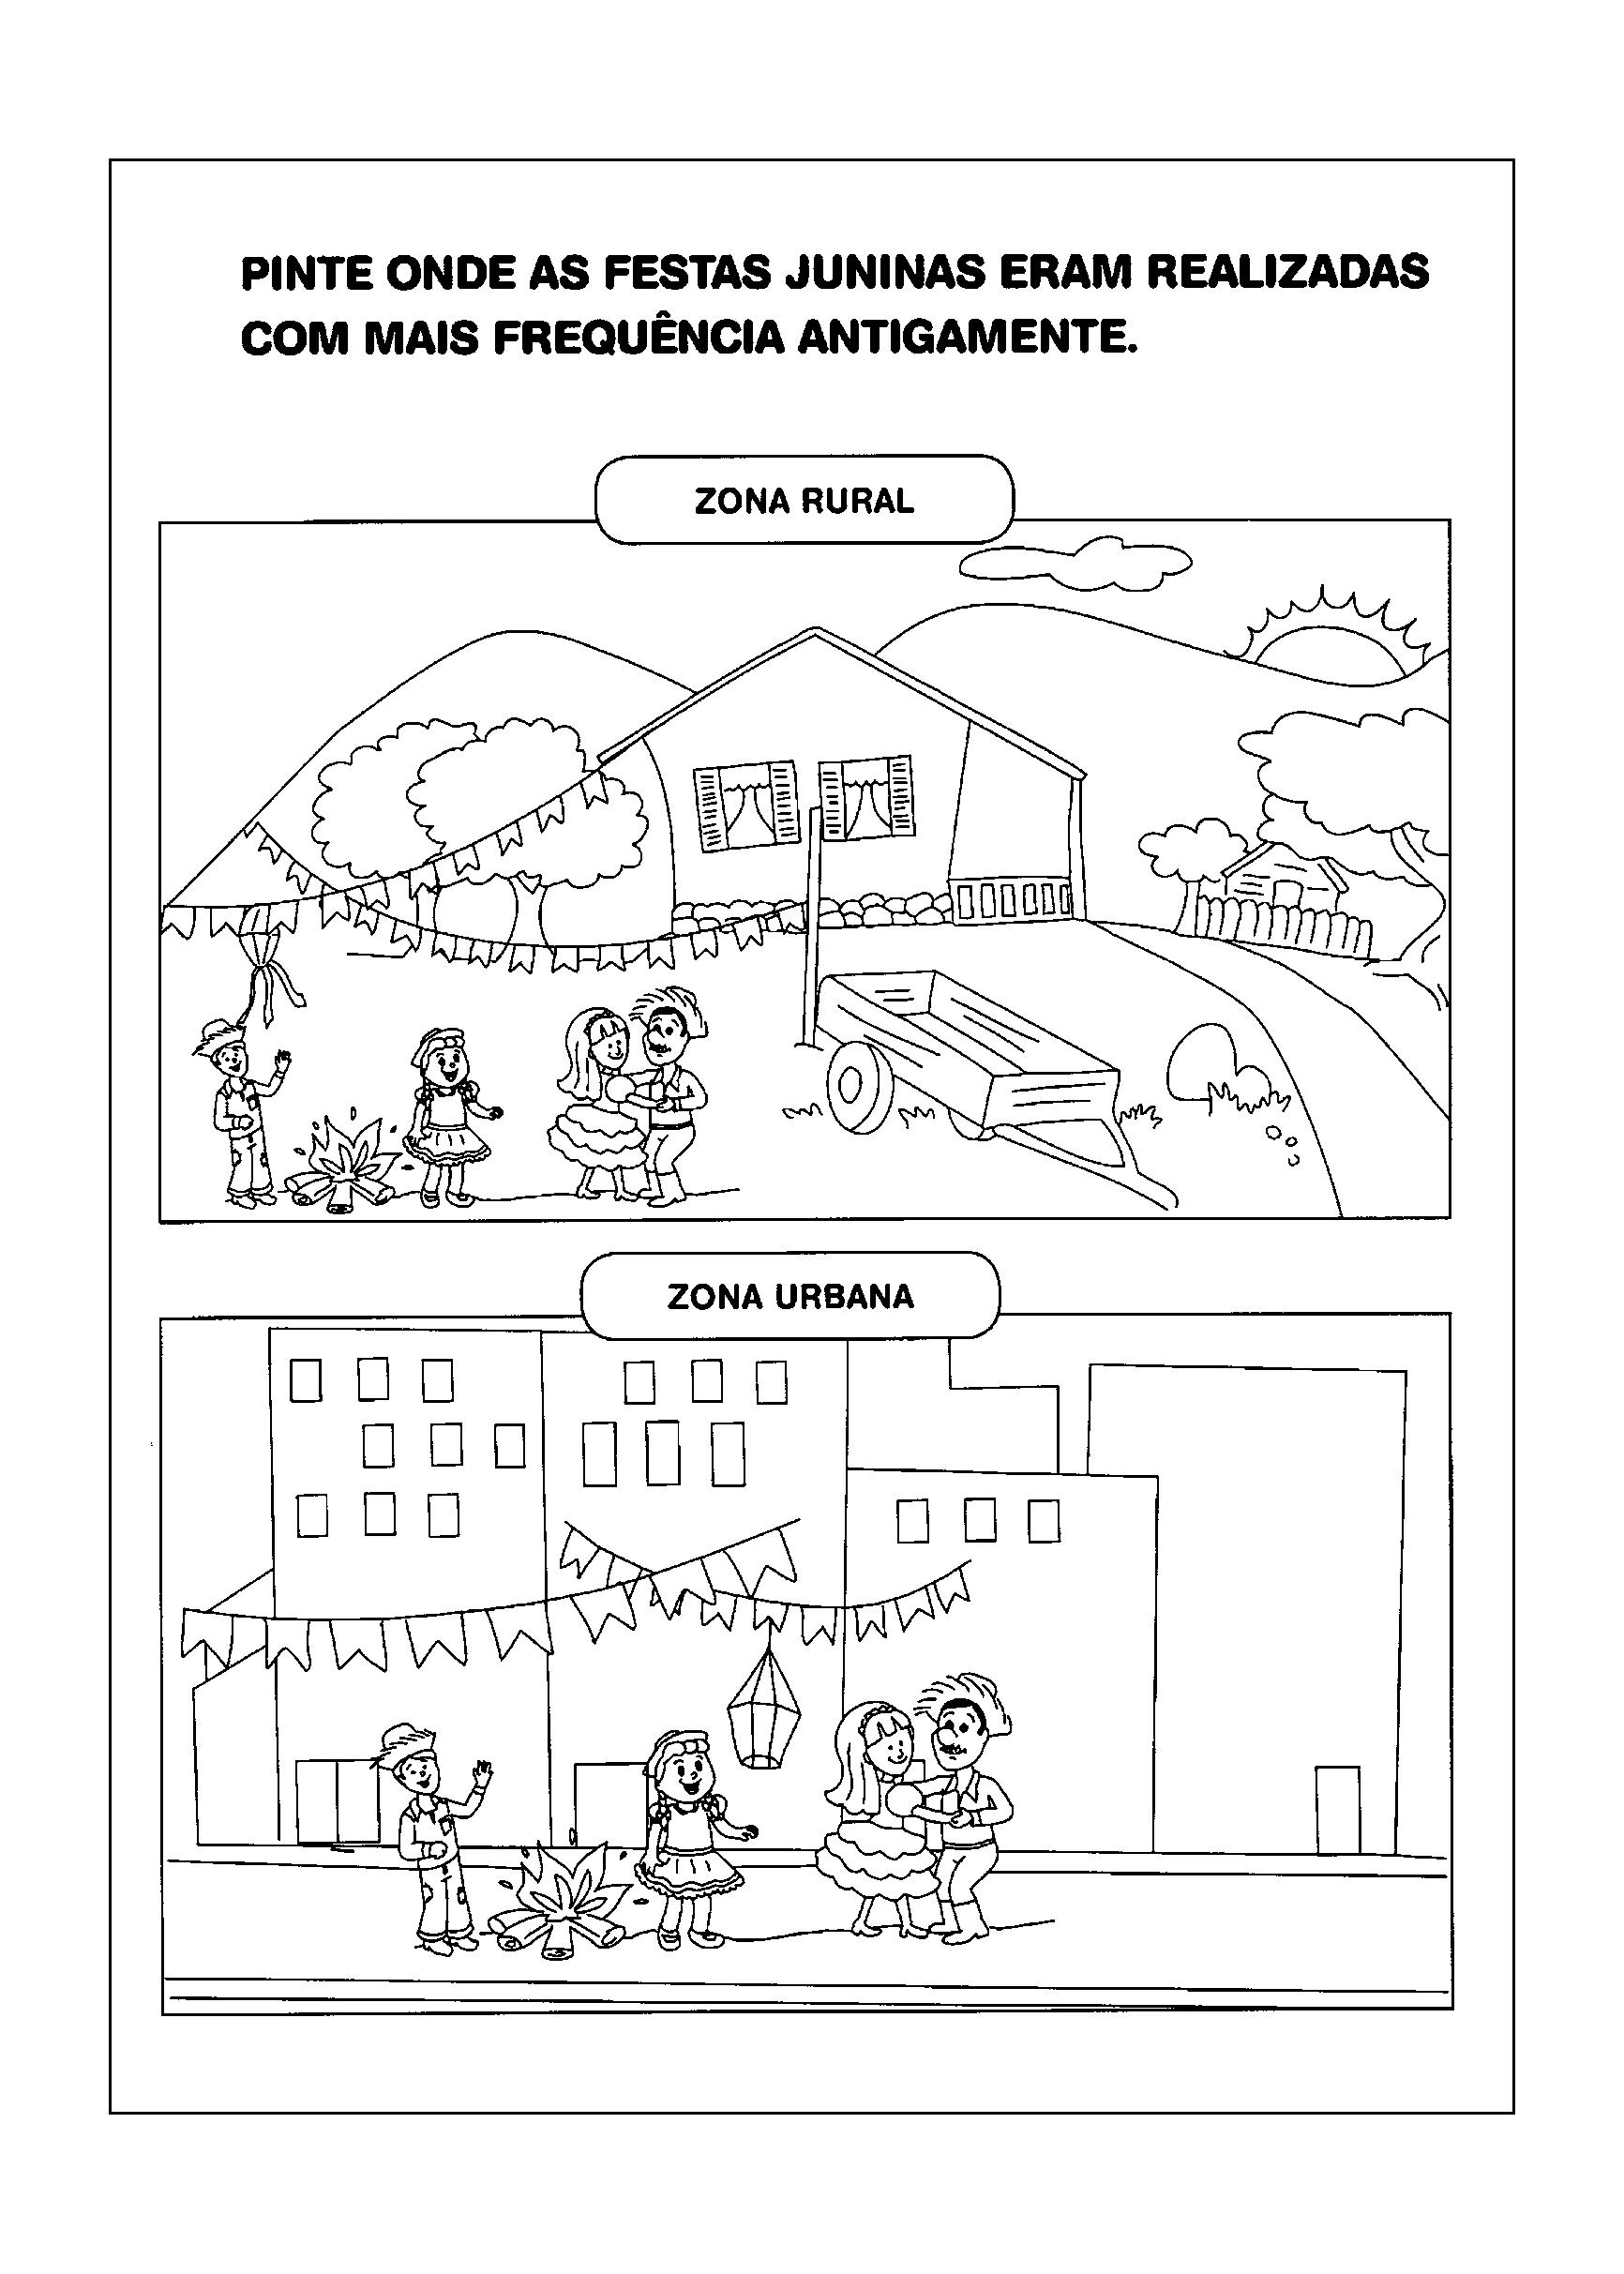 Atividade De Colorir Sobre Zona Rural E Zona Urbana So Atividades